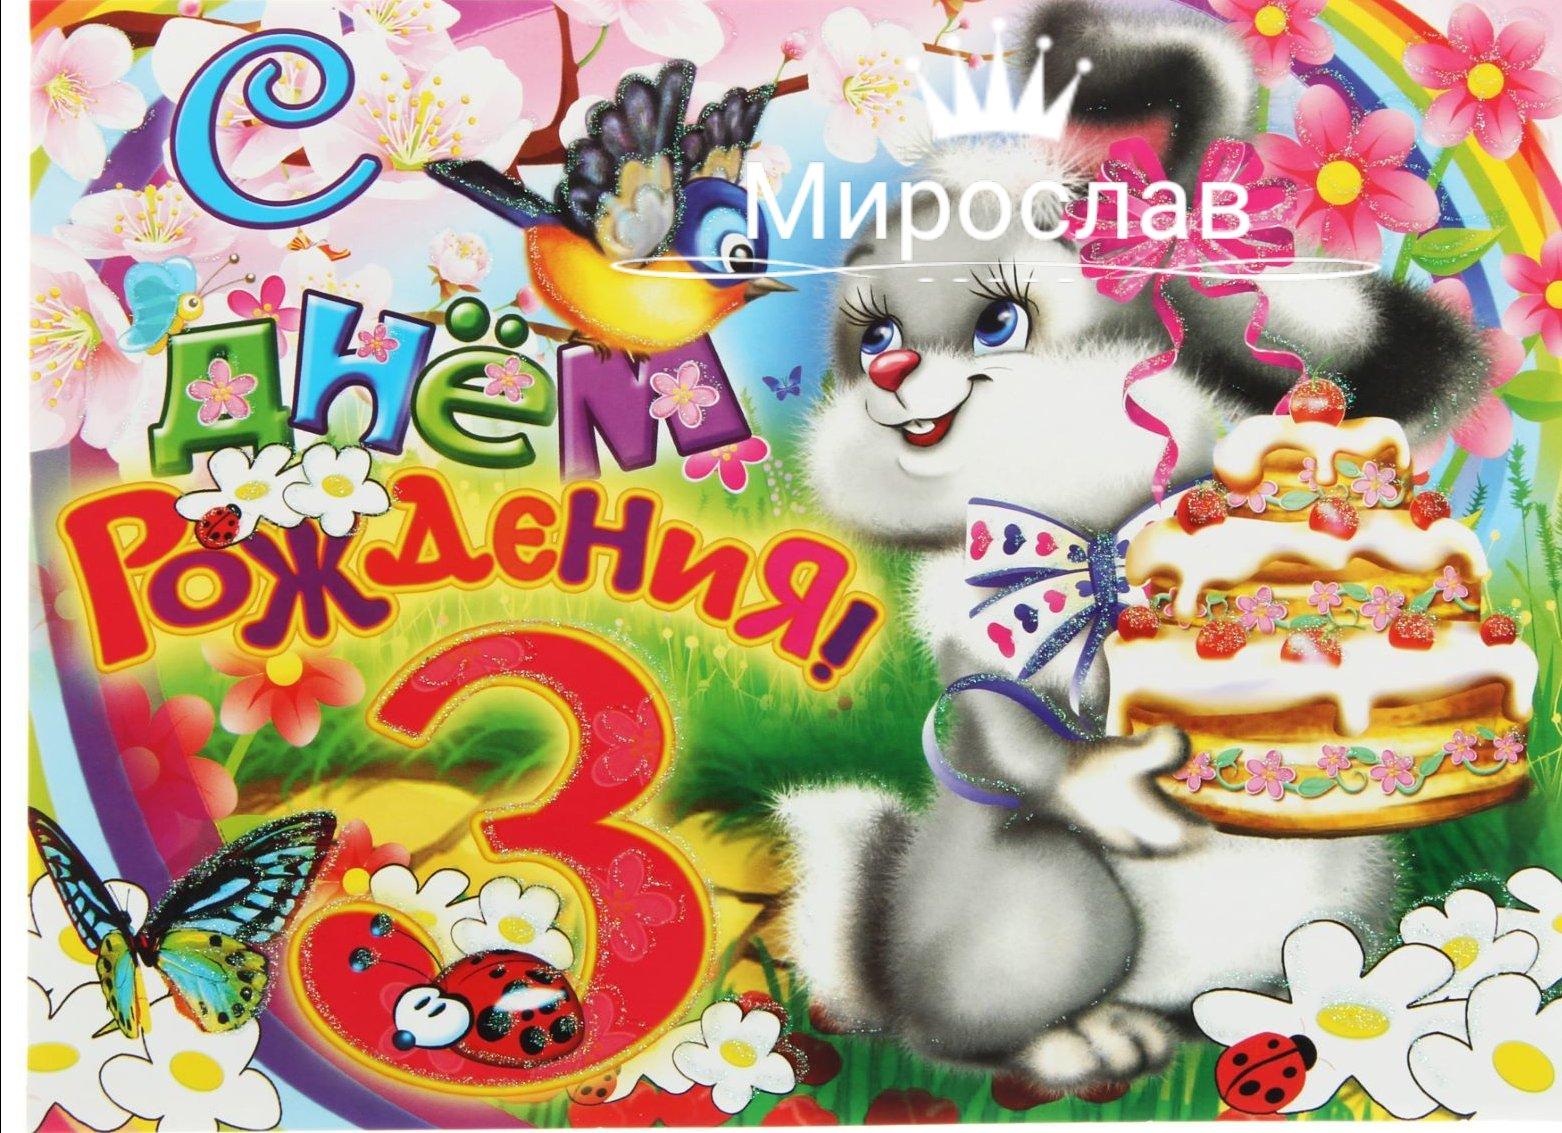 Открытки днем рождения ребенку 3 года, поздравления днем